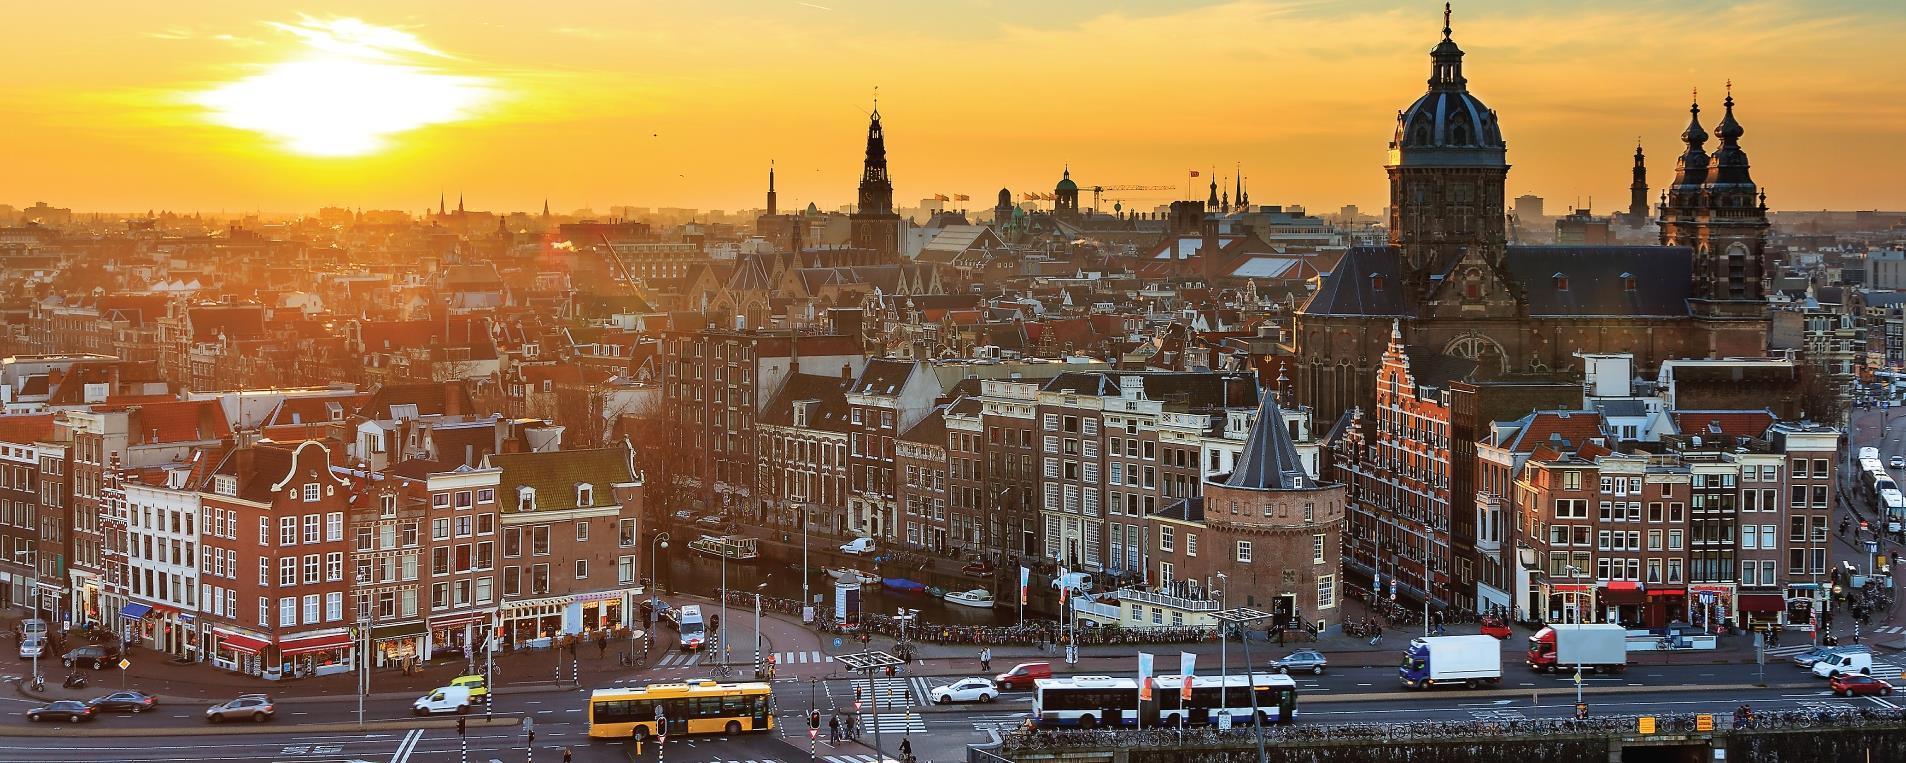 Очень красиво в Нидерландах